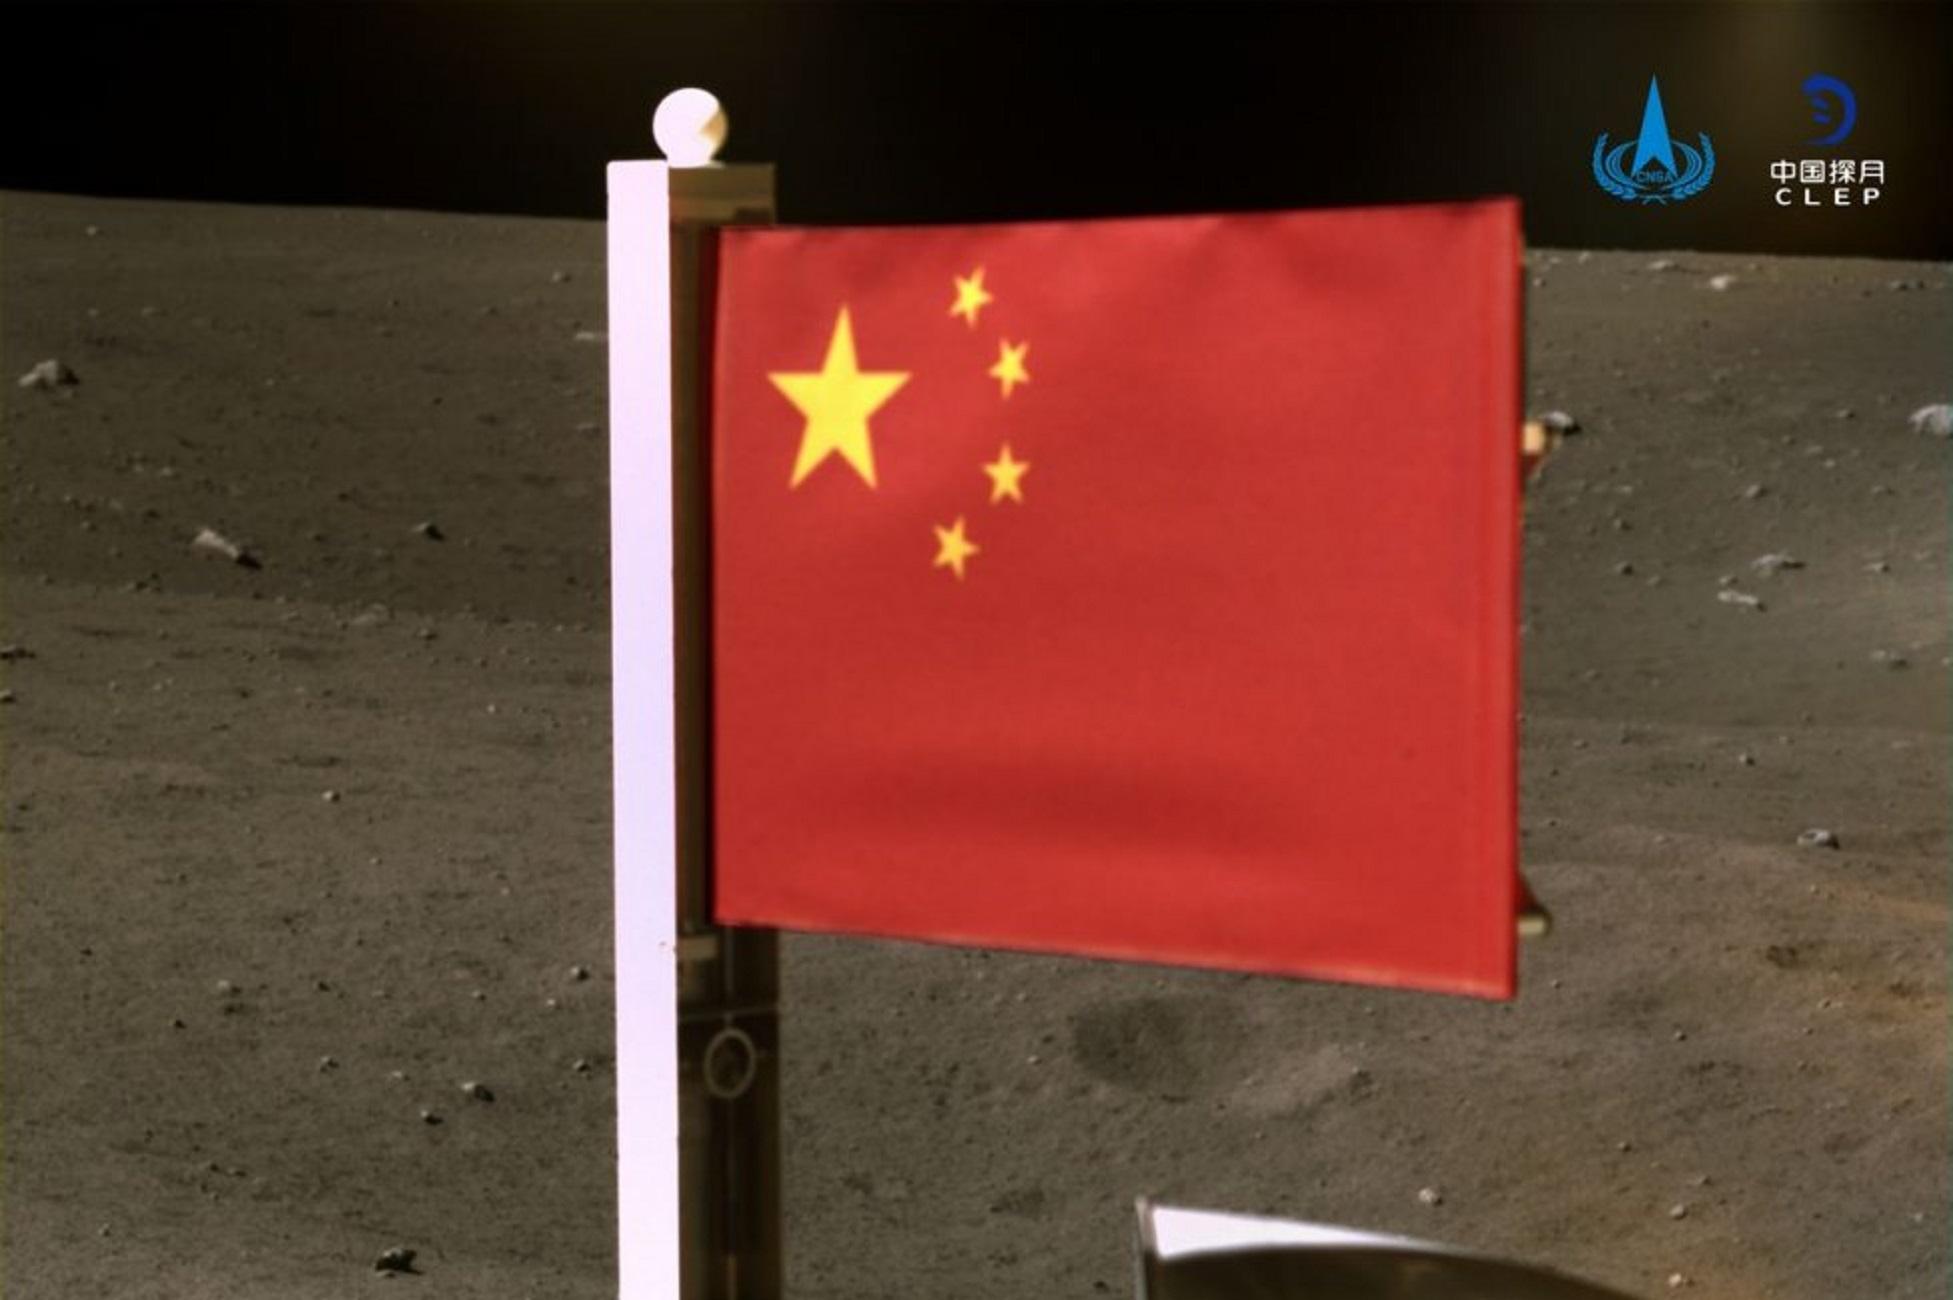 """Η κινεζική σημαία """"κυματίζει"""" στη Σελήνη μετά την αμερικανική"""